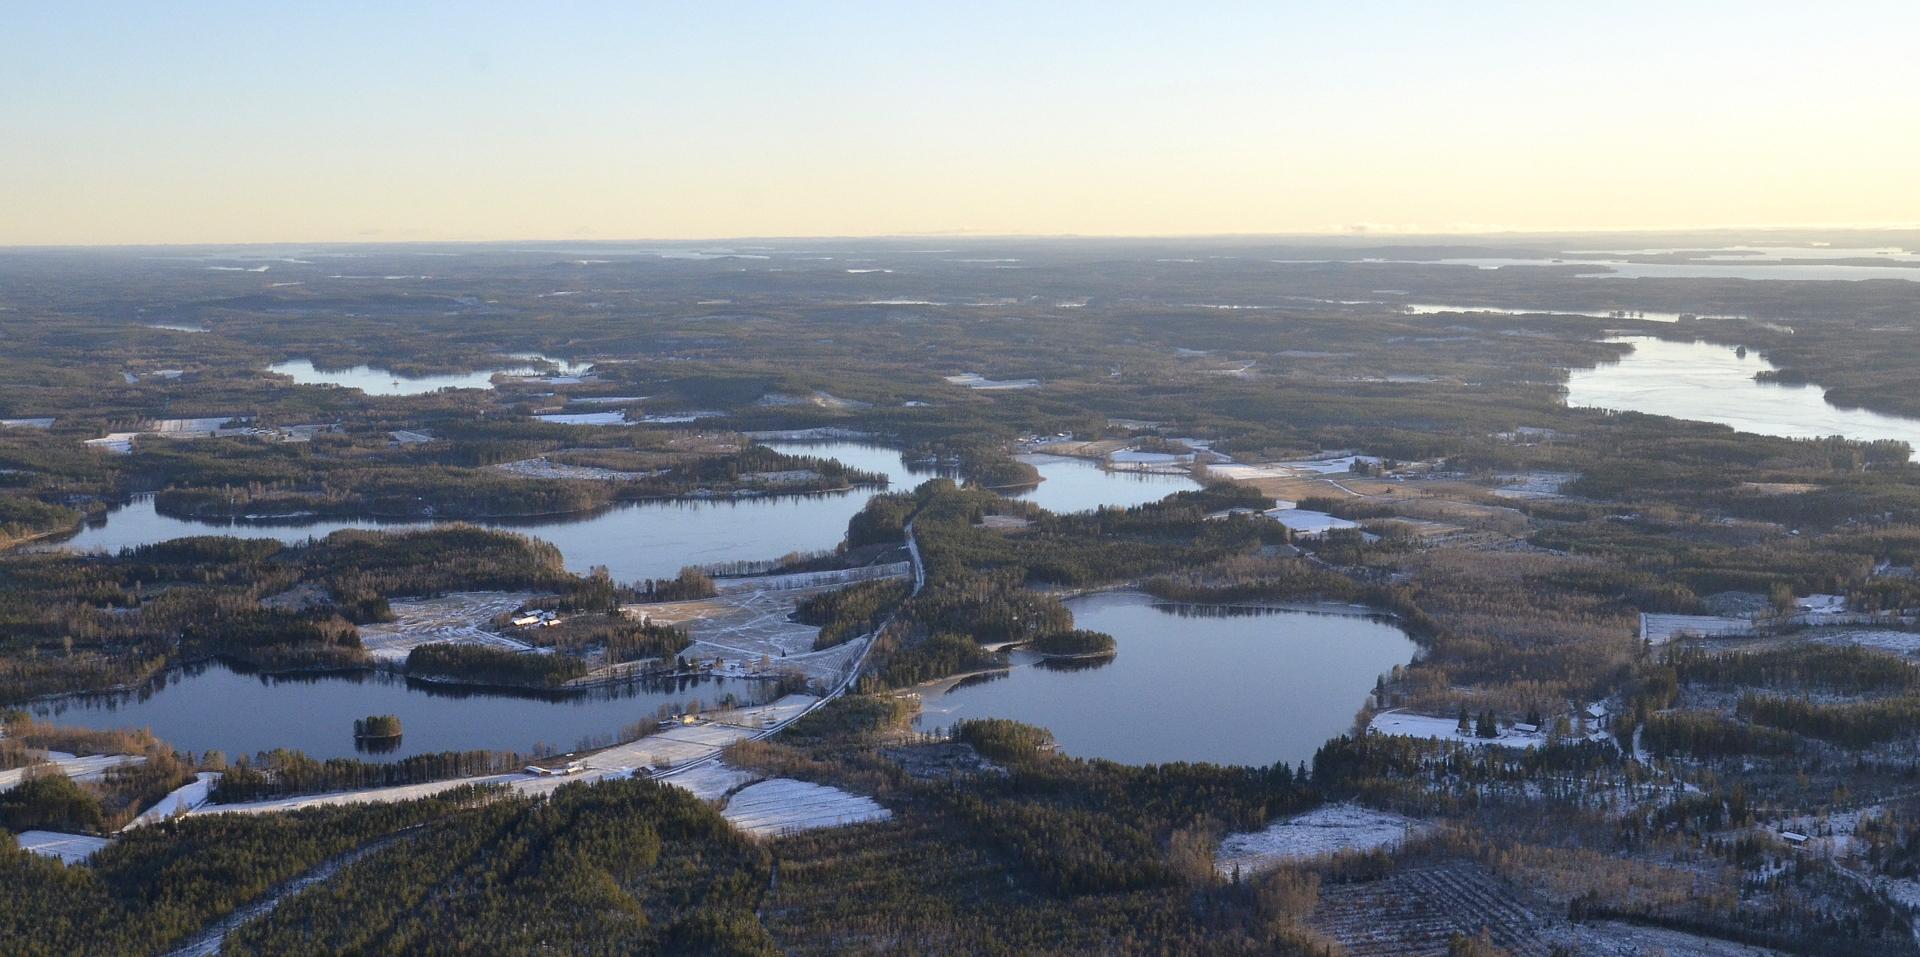 Mäntylänkylän järviä 1.11.2017.